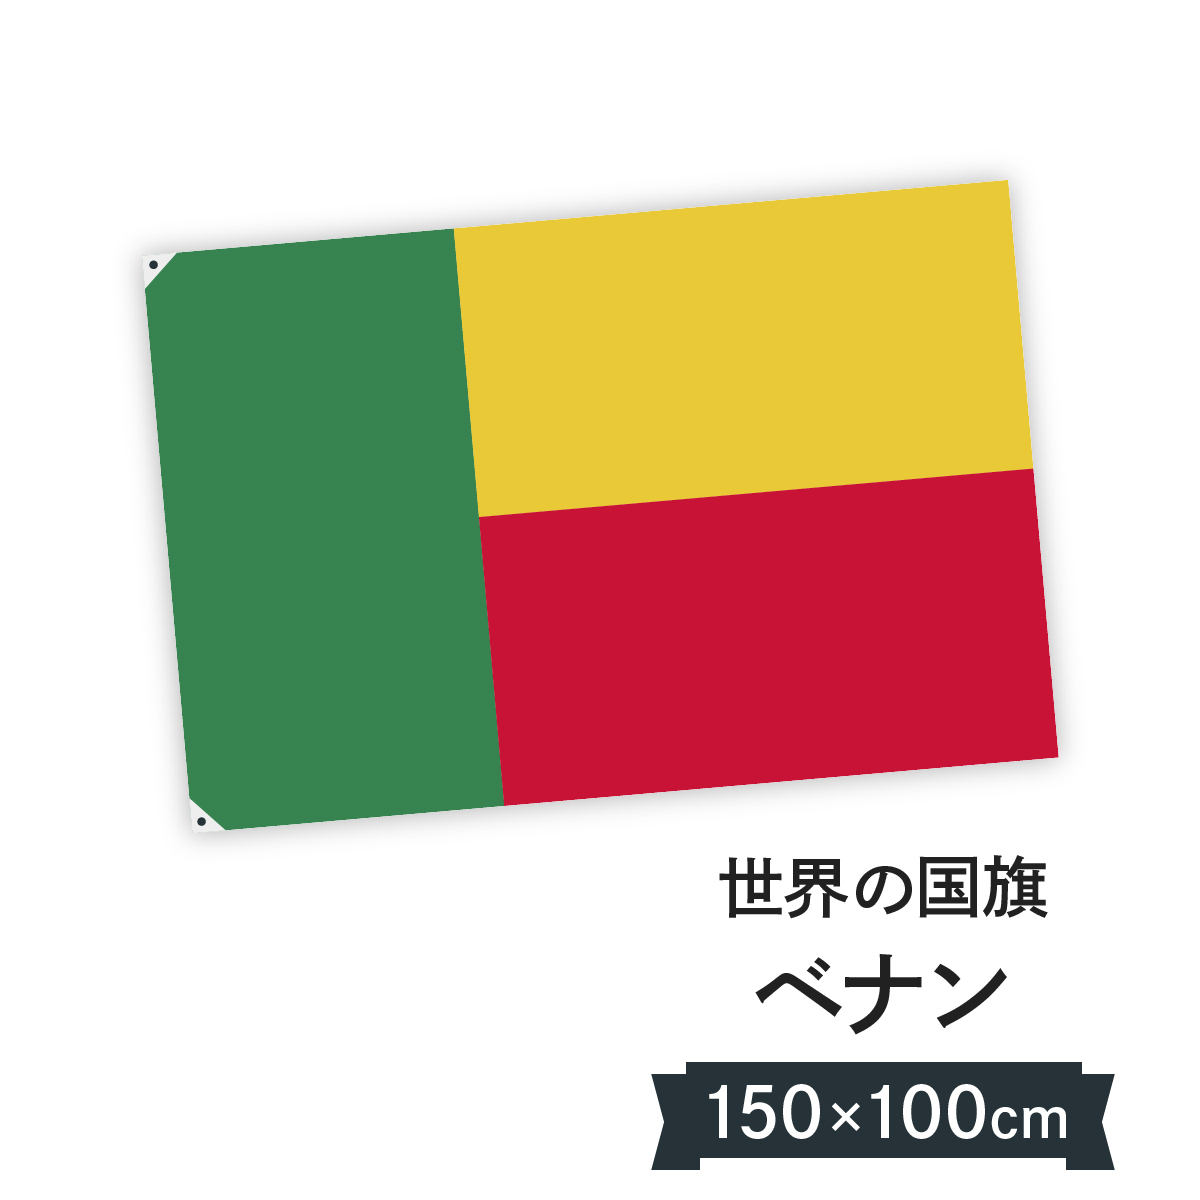 ベナン共和国 国旗 W150cm H100cm